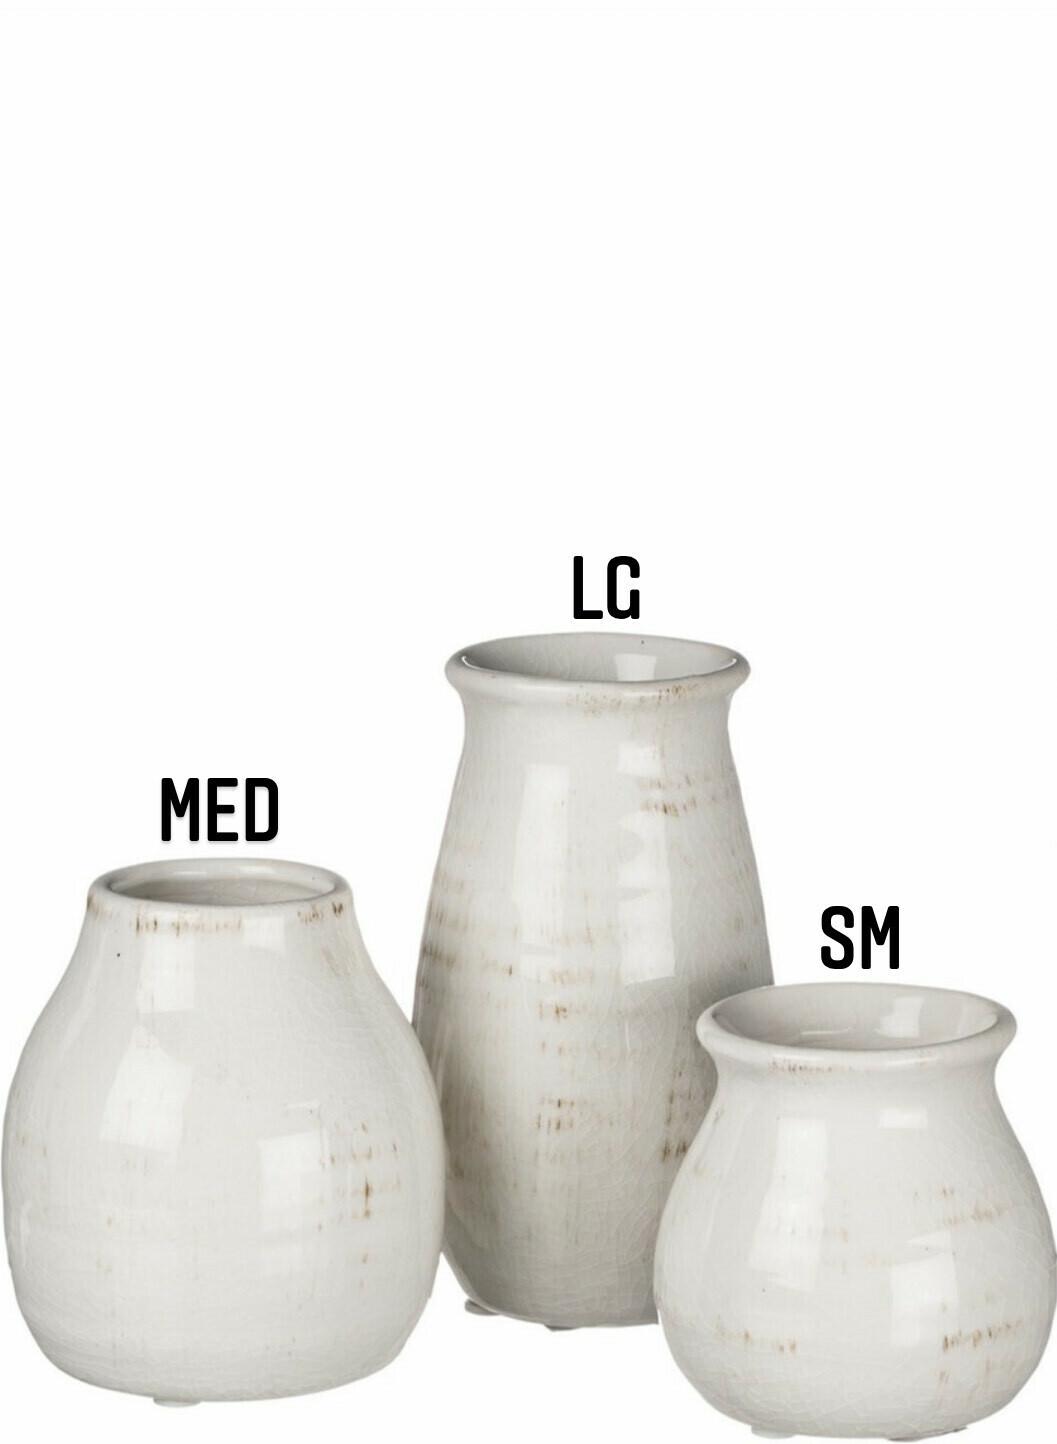 Lg Warm Vase